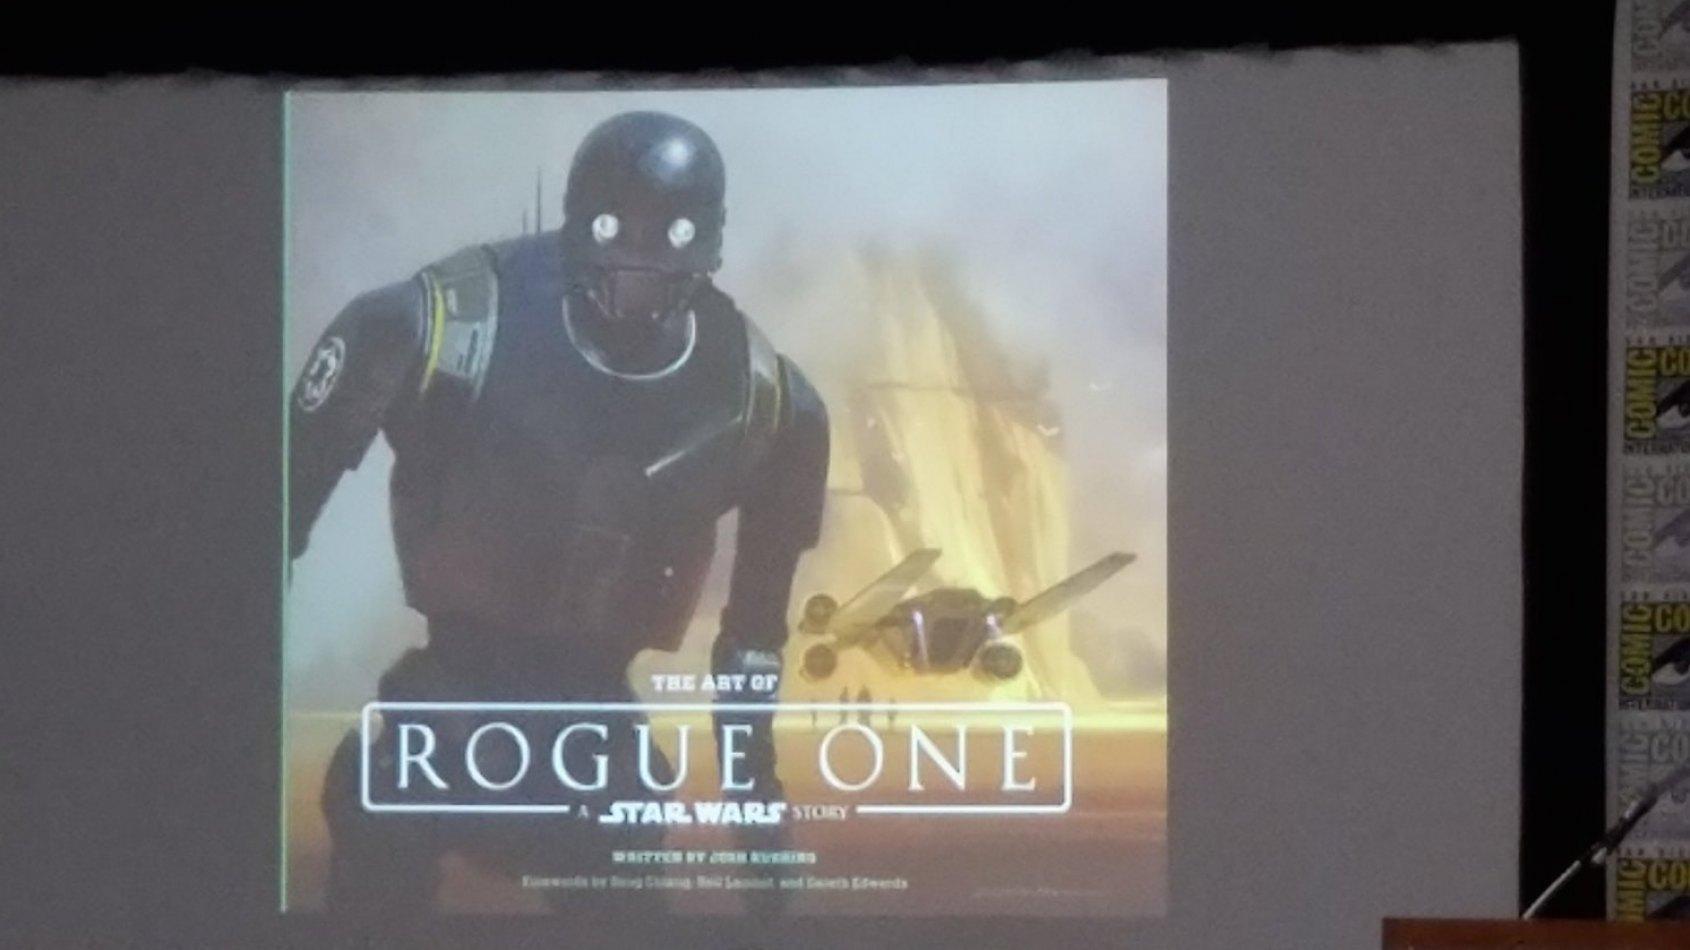 La couverture du livre The Art Of Rogue One: A Star Wars Story révélée